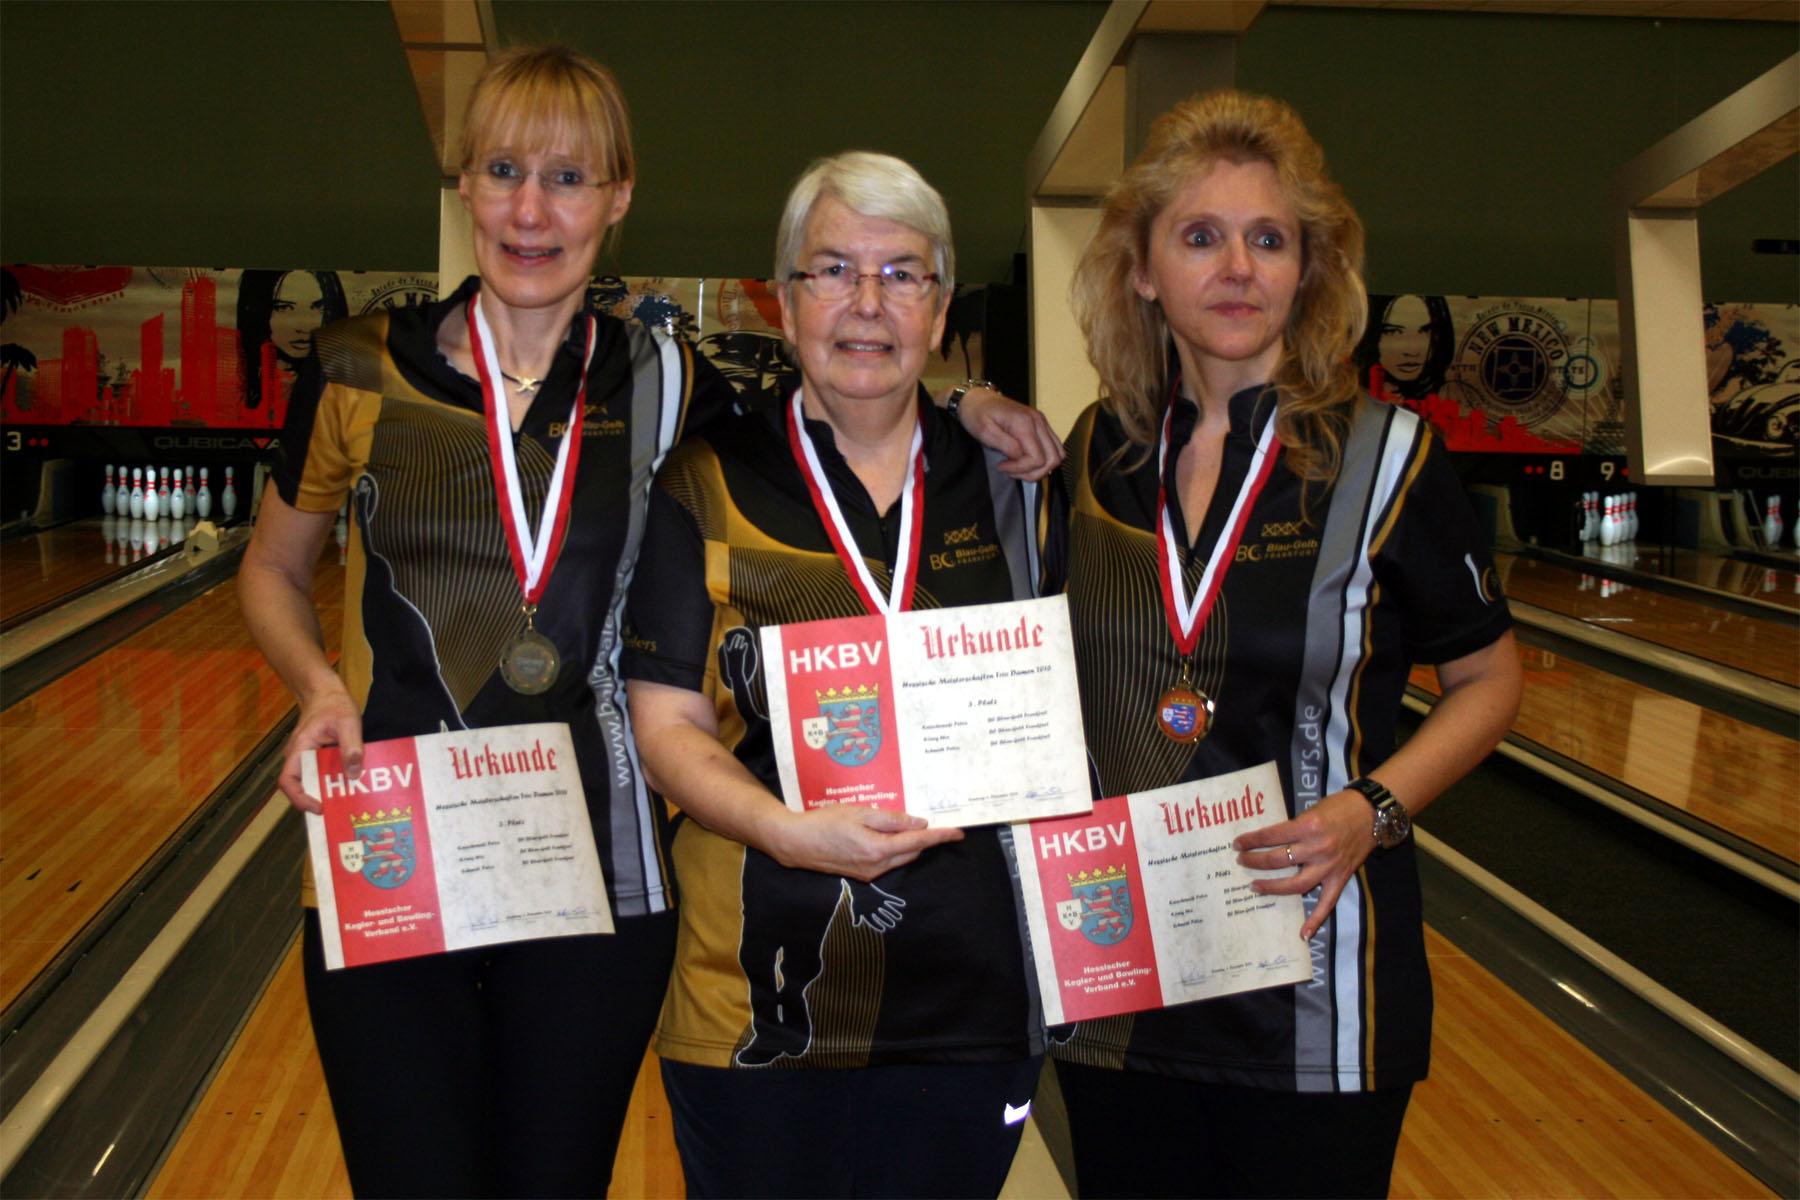 Auf Platz 3 Damentrio: Uta König, Petra Knischewski, Petra Schmidt (v.l.)